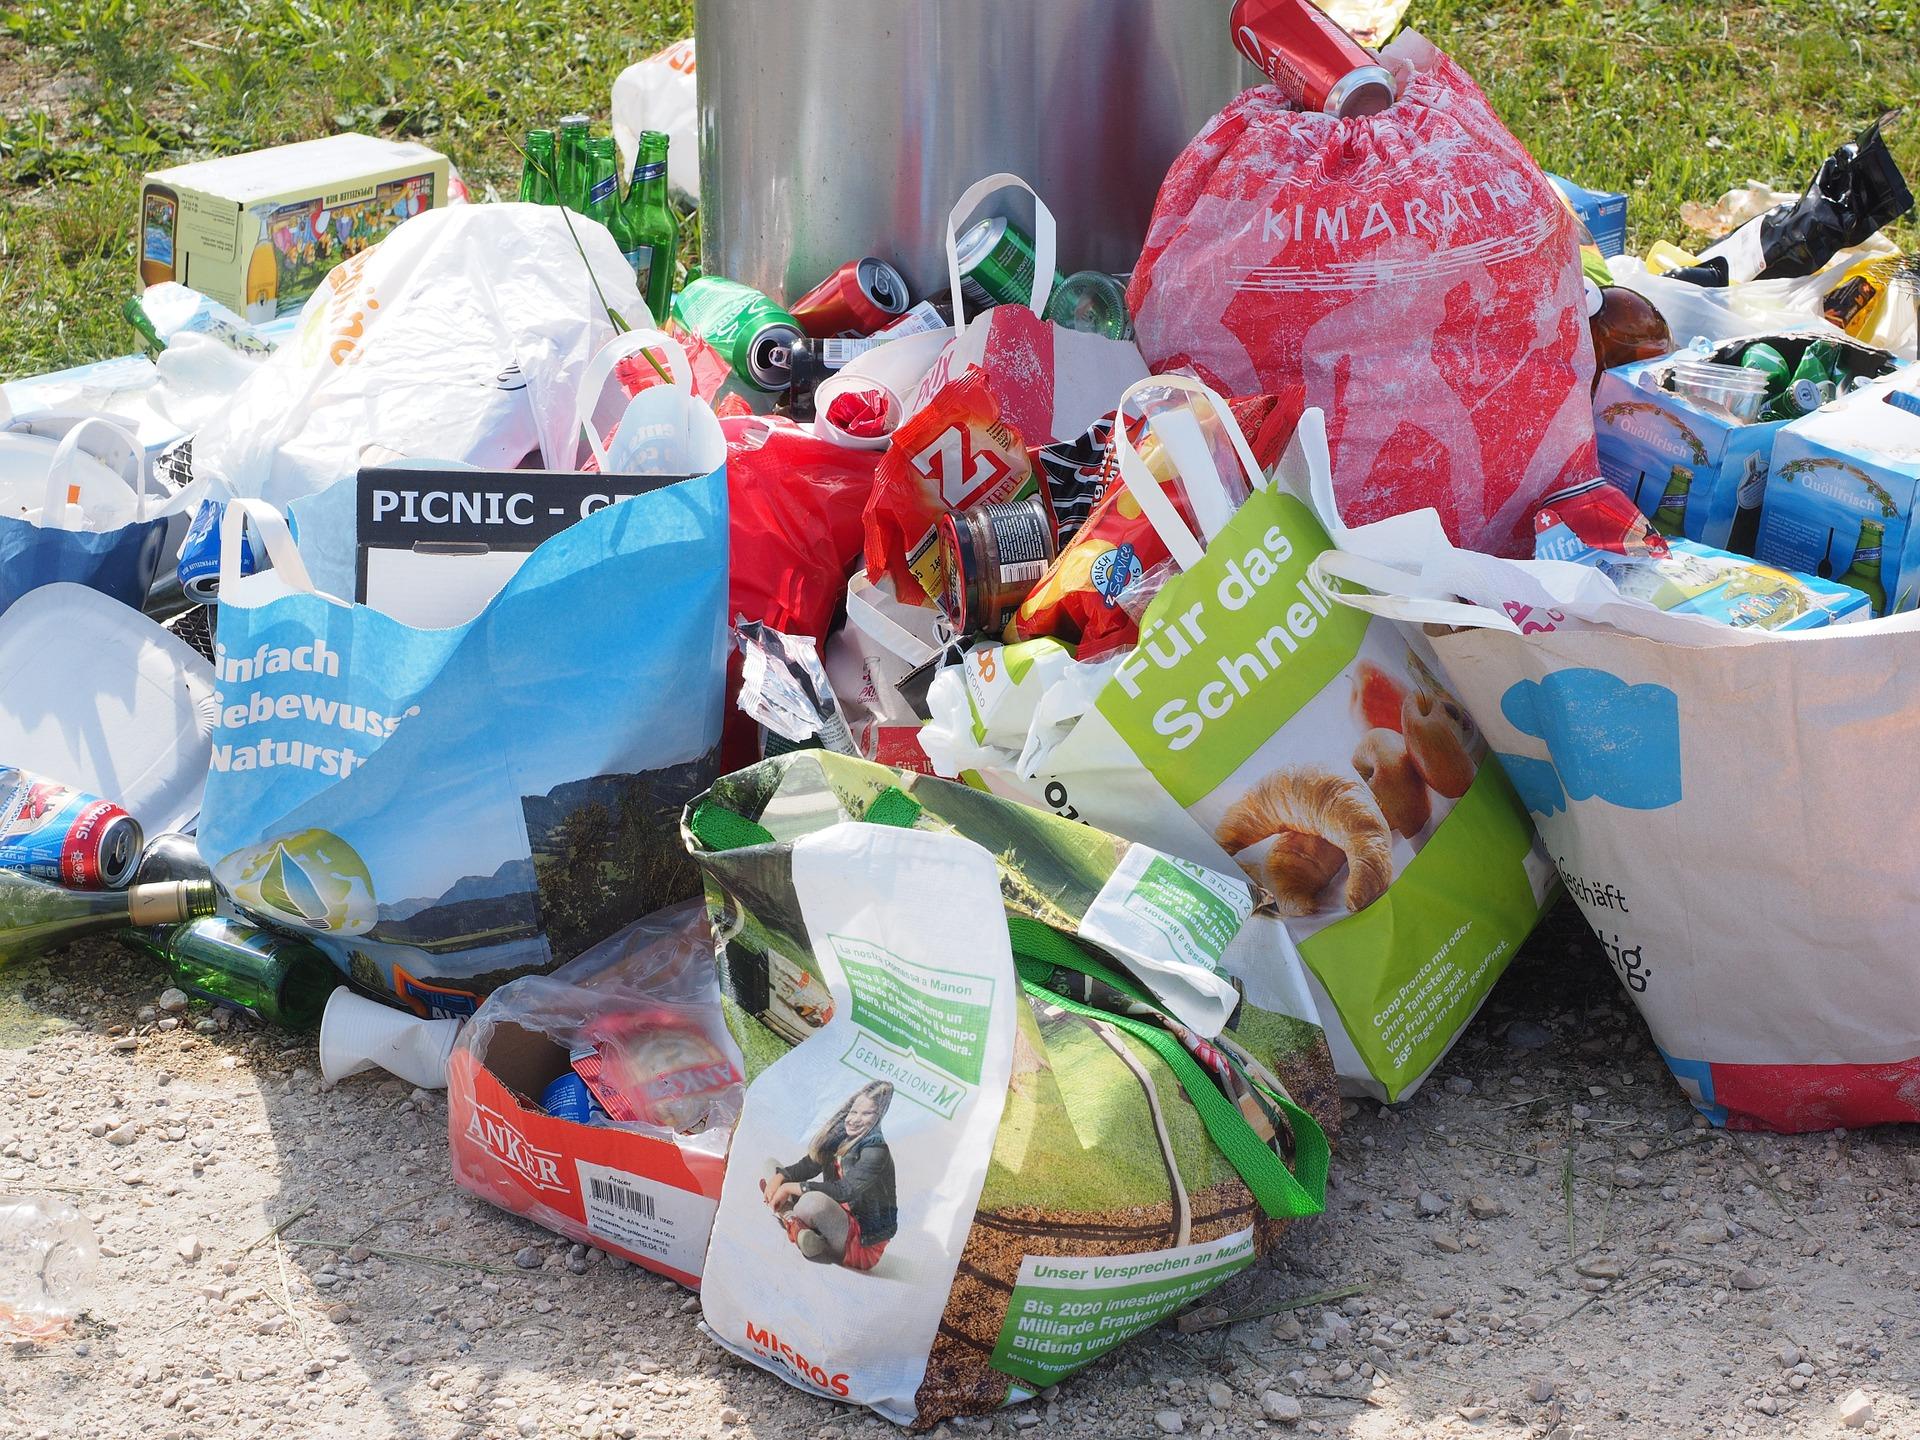 garbage-1260833_1920.jpg